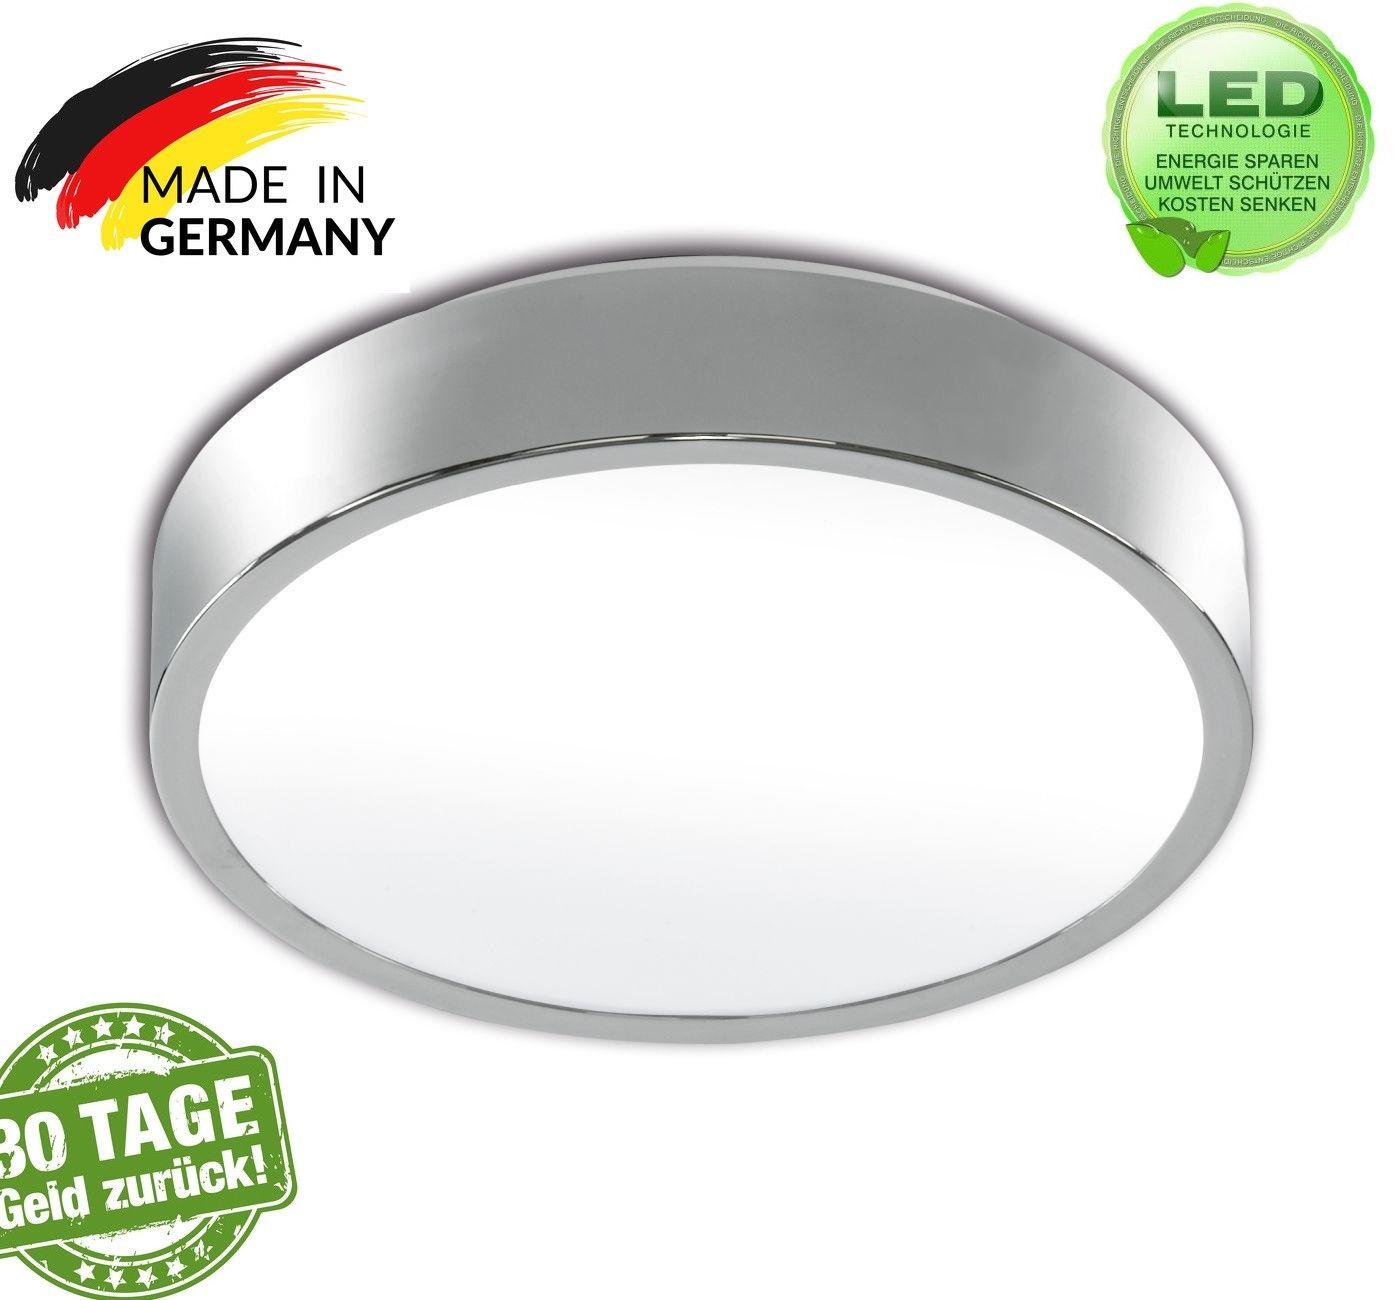 Helle Led Deckenleuchte Hugo Honsel Helle Led: Honsel 20201 Helle LED-Deckenleuchte Deckenlampe Leuchte